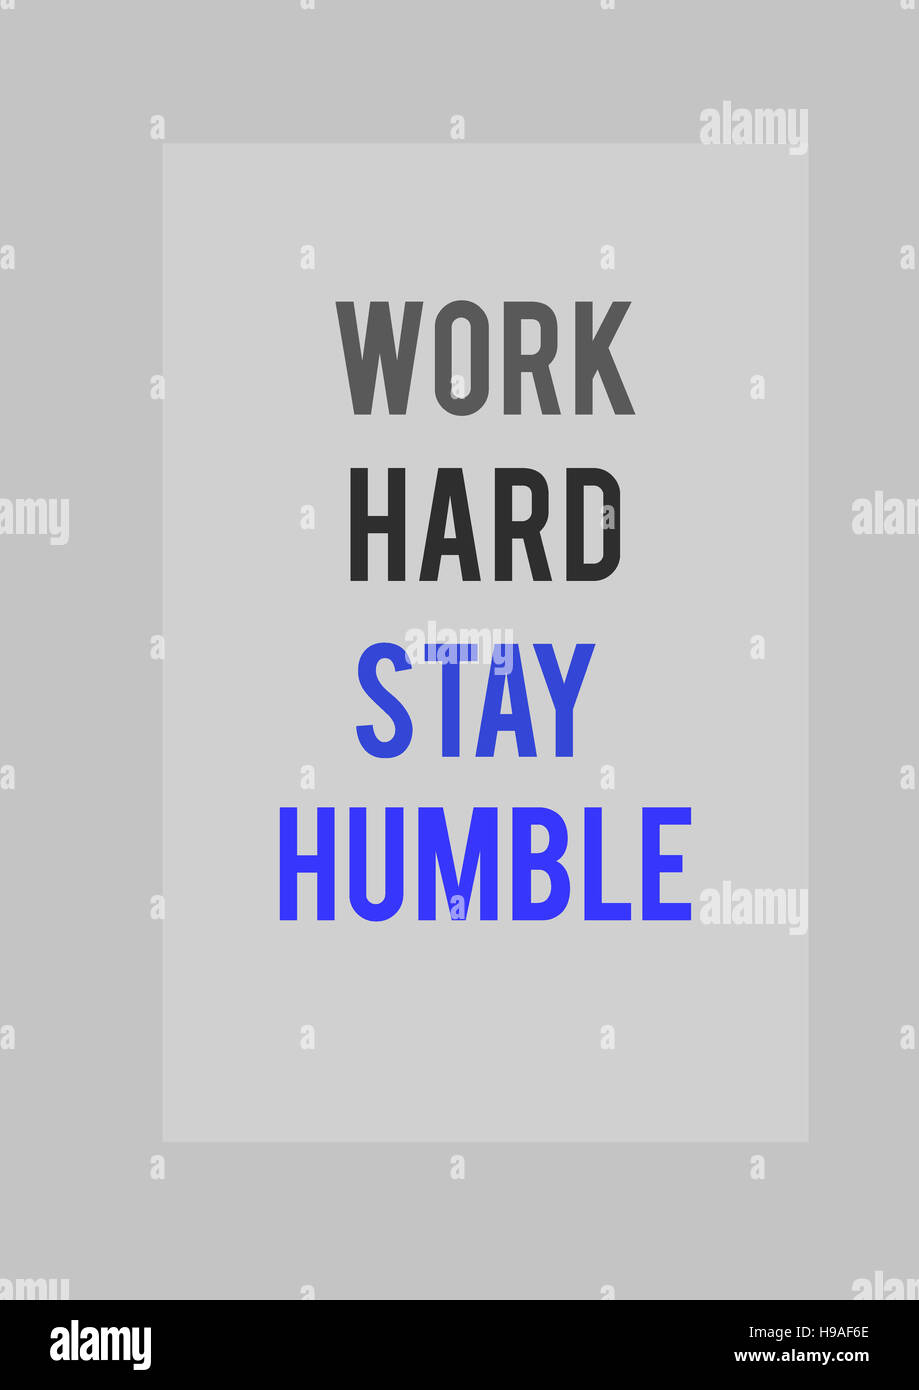 Lavorare duro rimanere umili, sfondi, texture, motivazione, poster, citazioni, illustrazione Immagini Stock